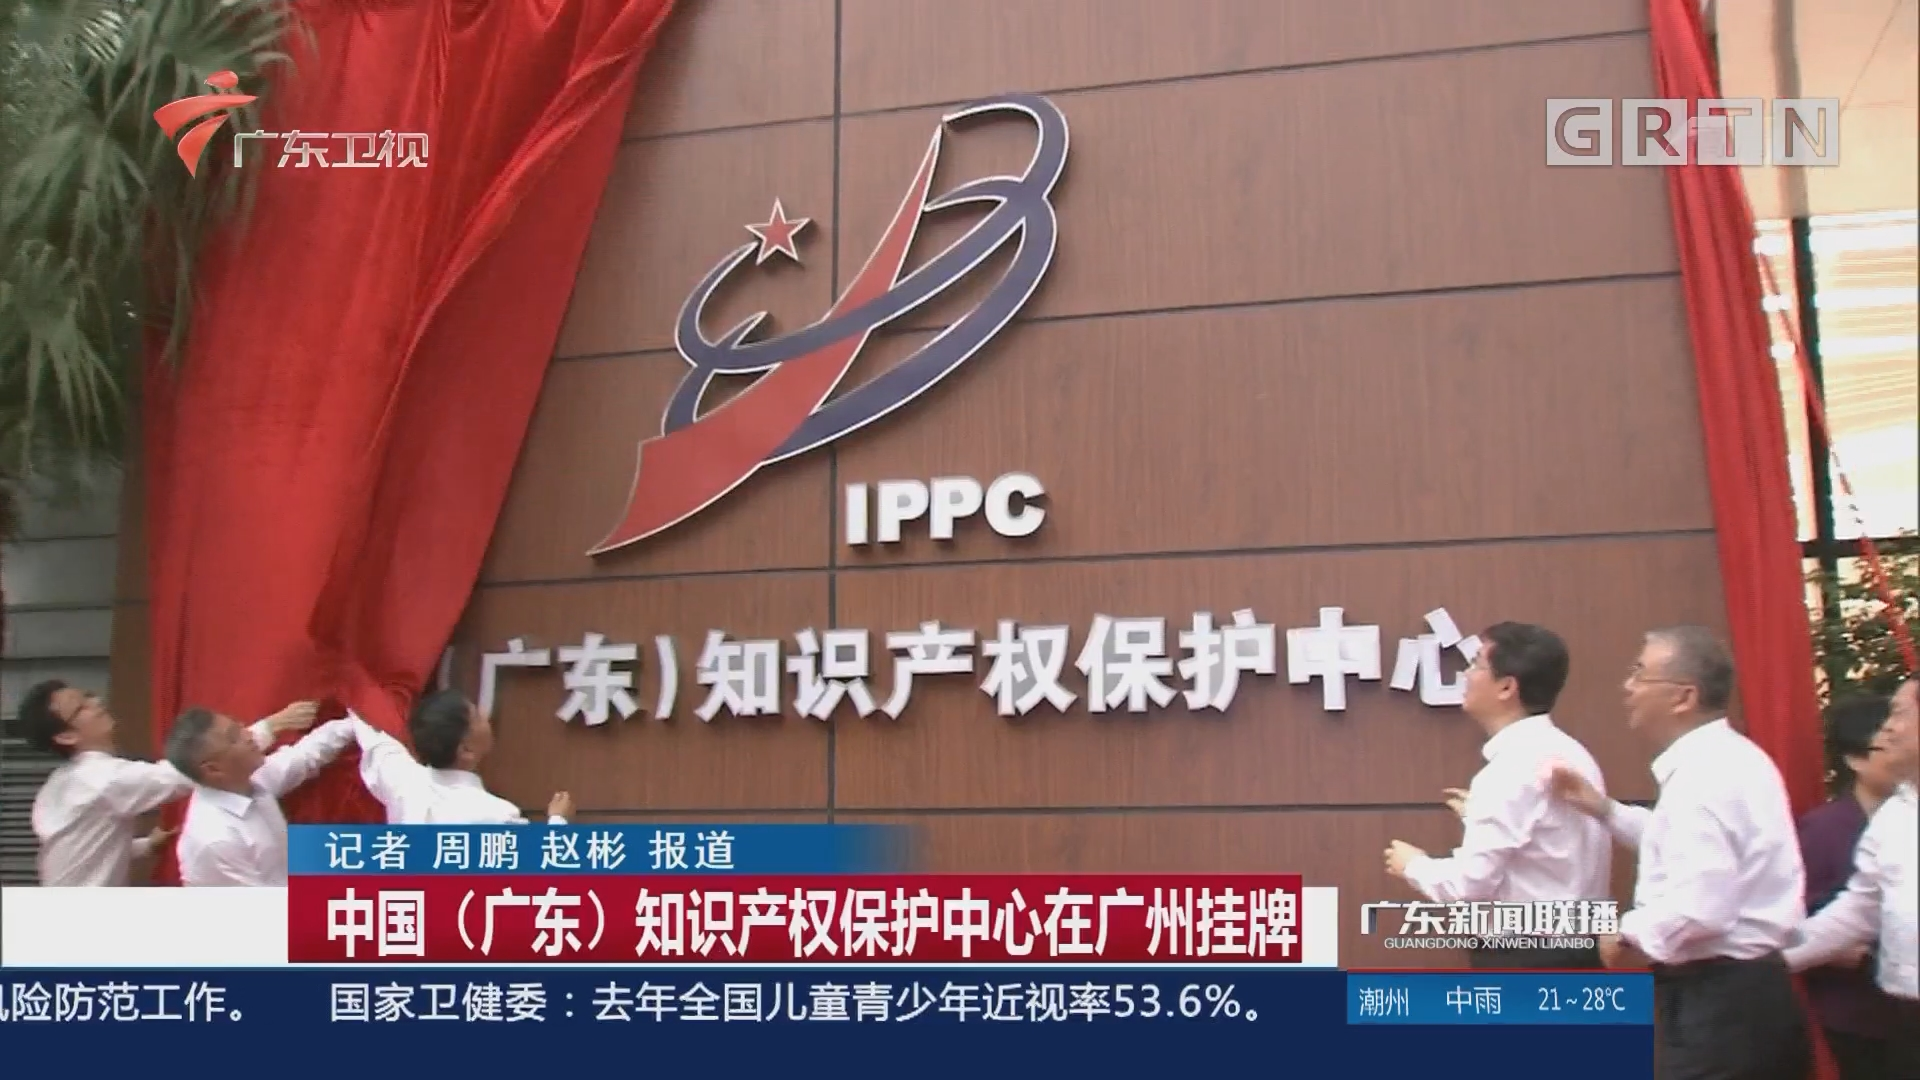 中国(广东)知识产权保护中心在广州挂牌